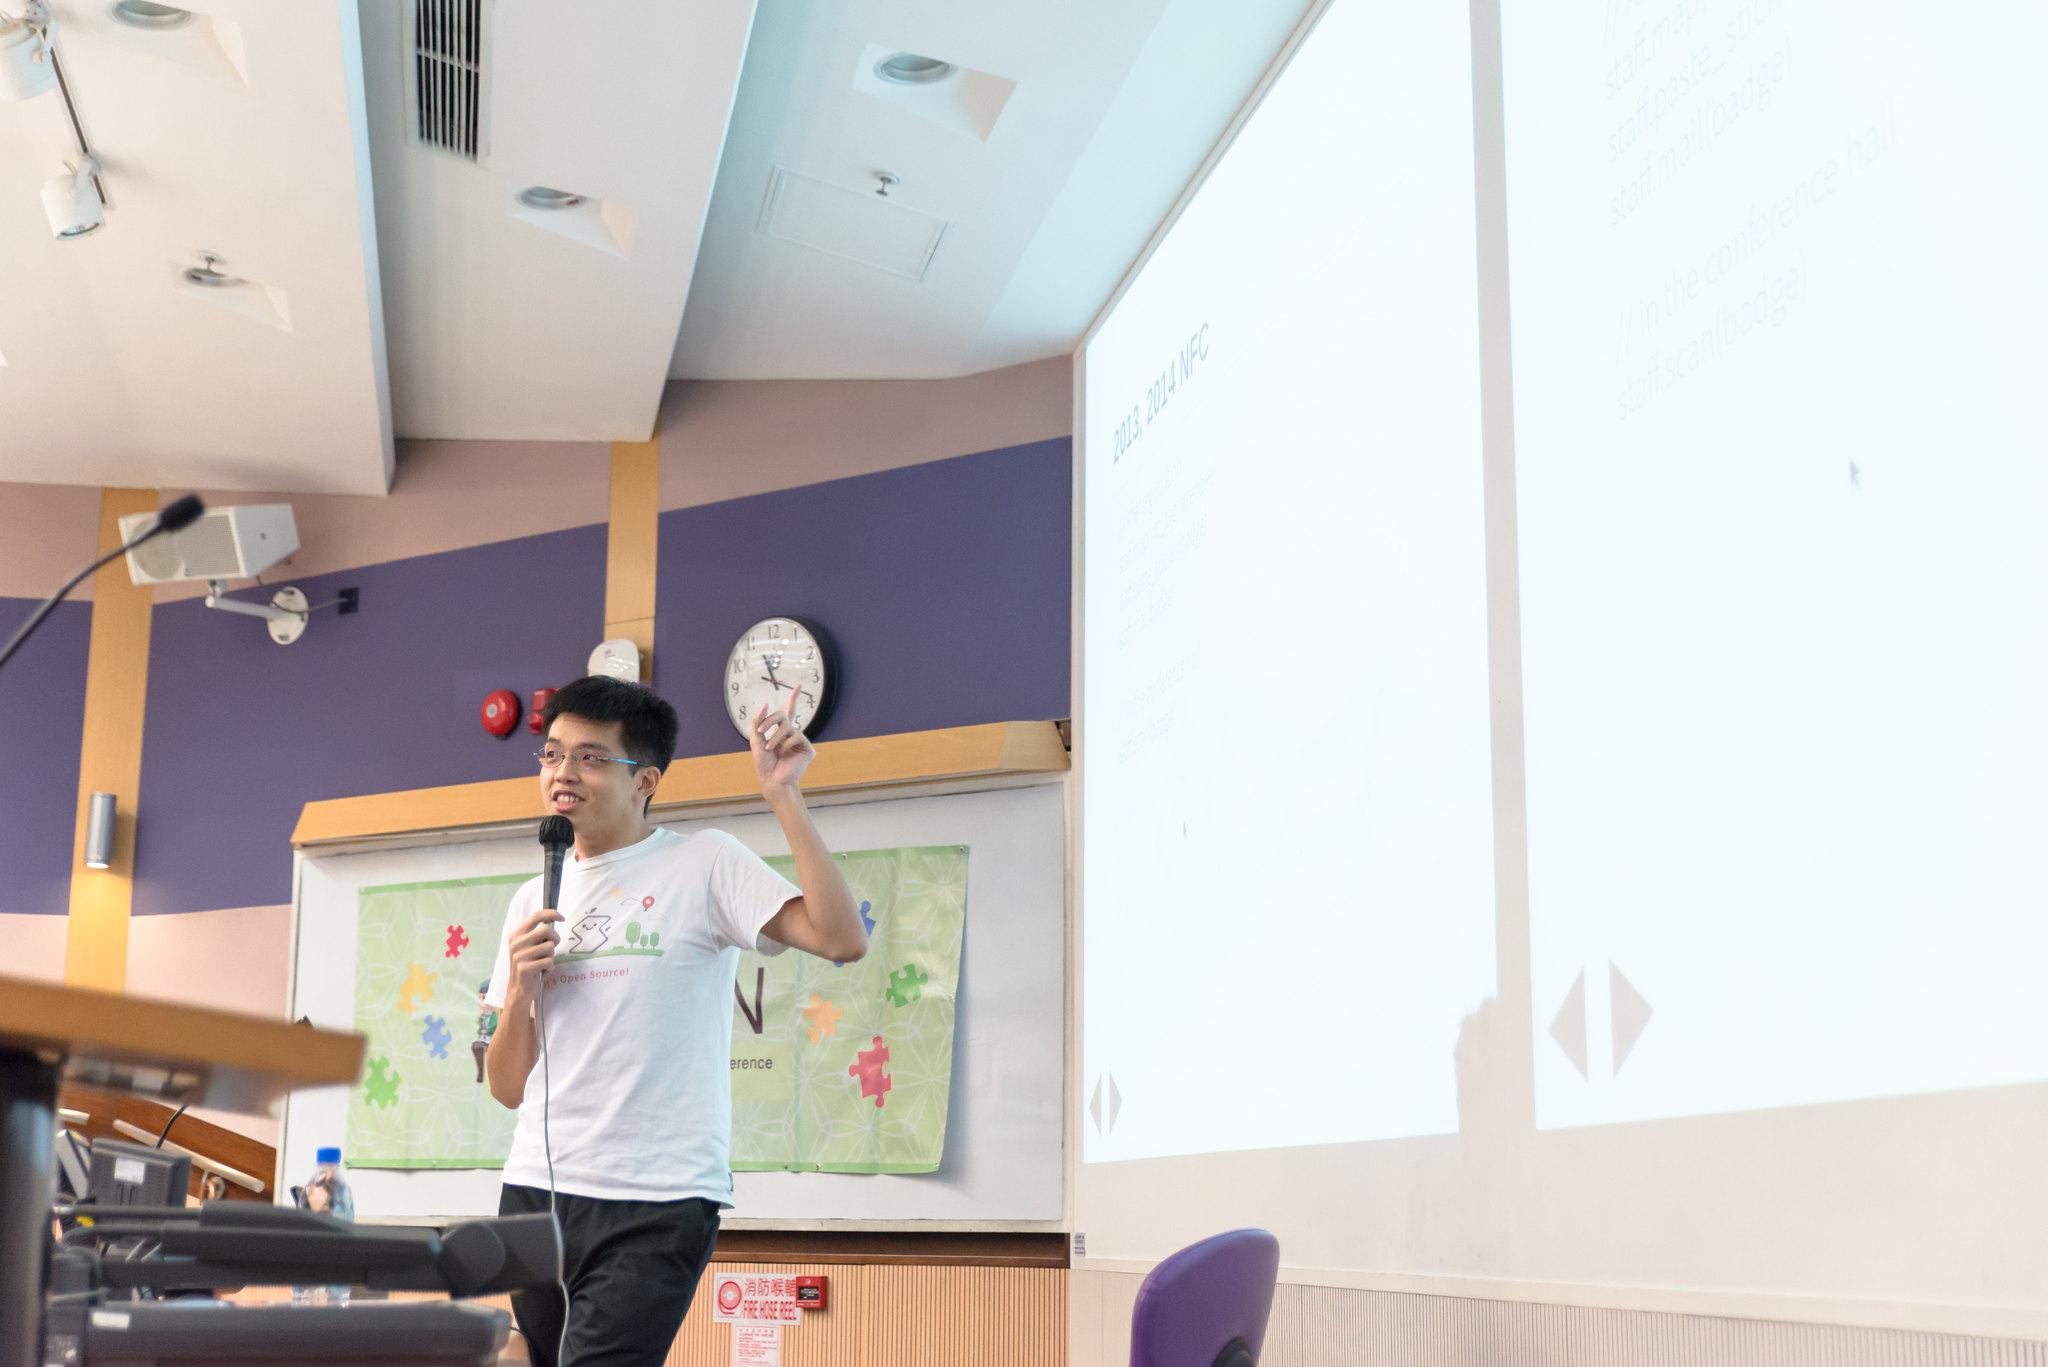 Session in SITCON x HK